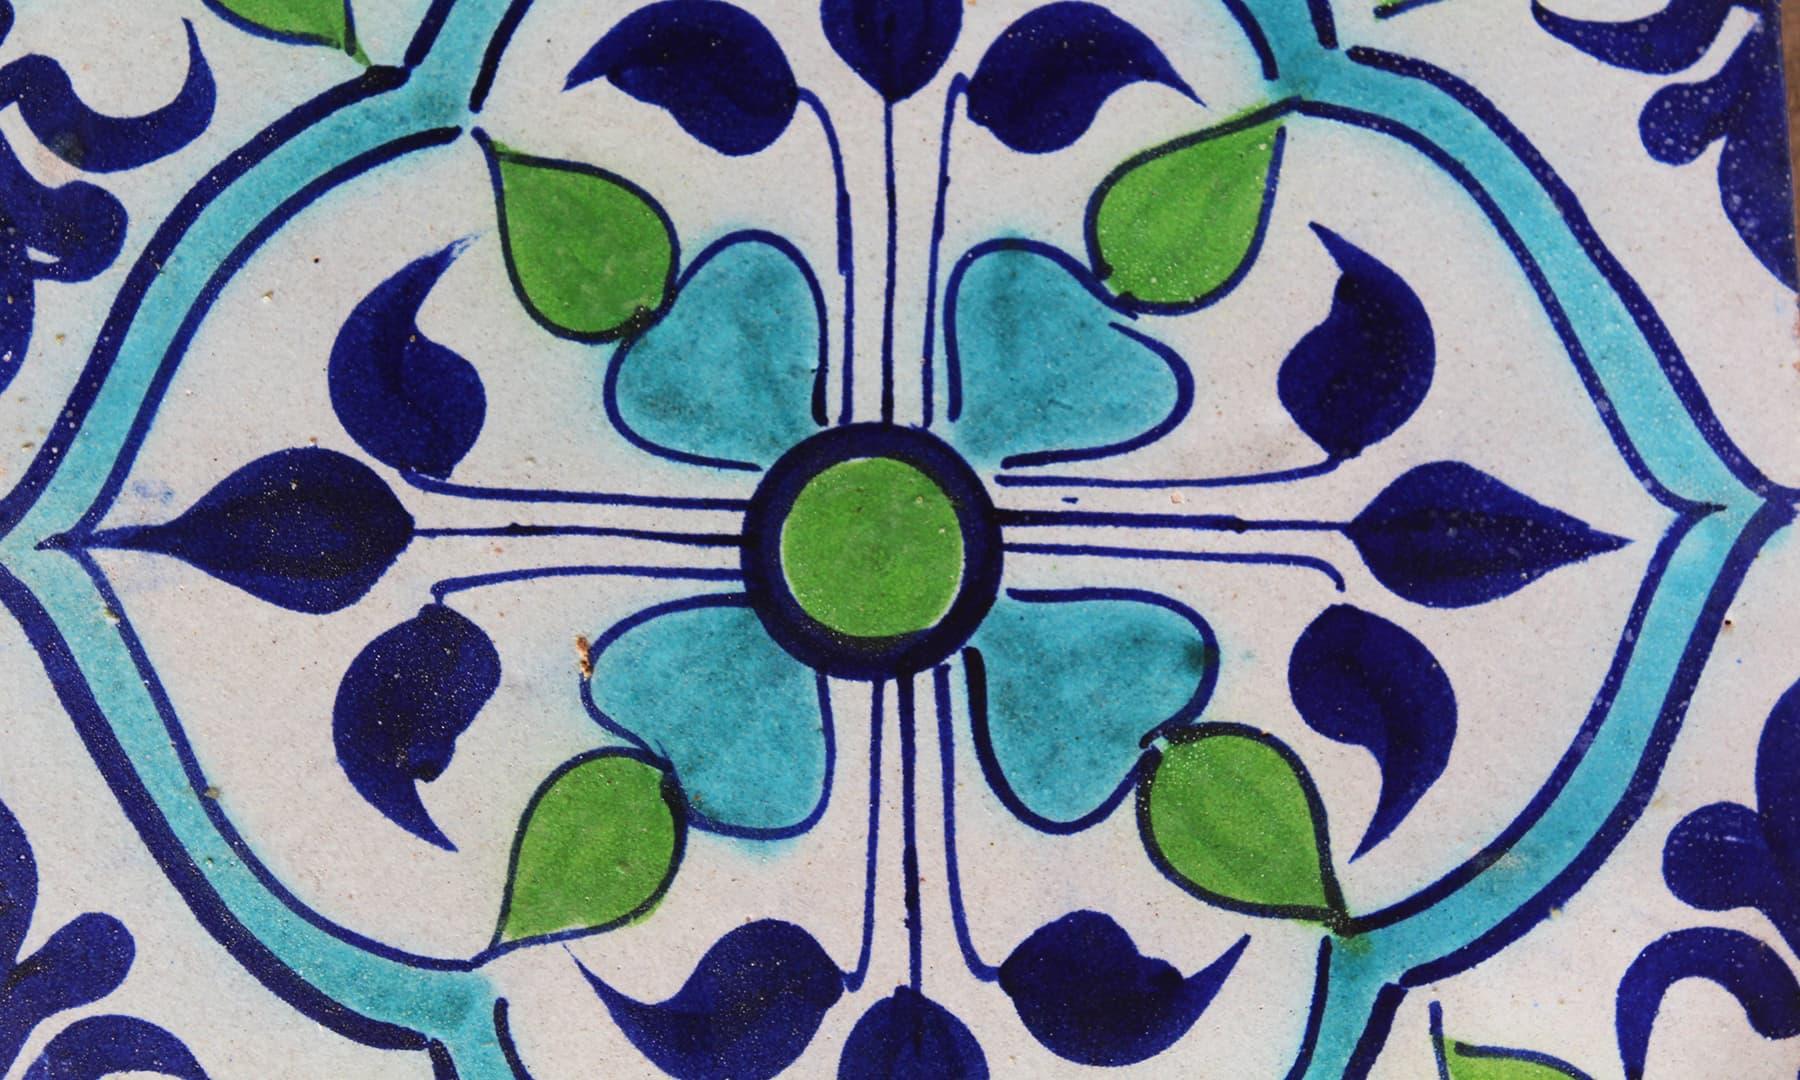 کاشی کے مخصوص نقوش اور رنگ — تصویر اختر حفیظ